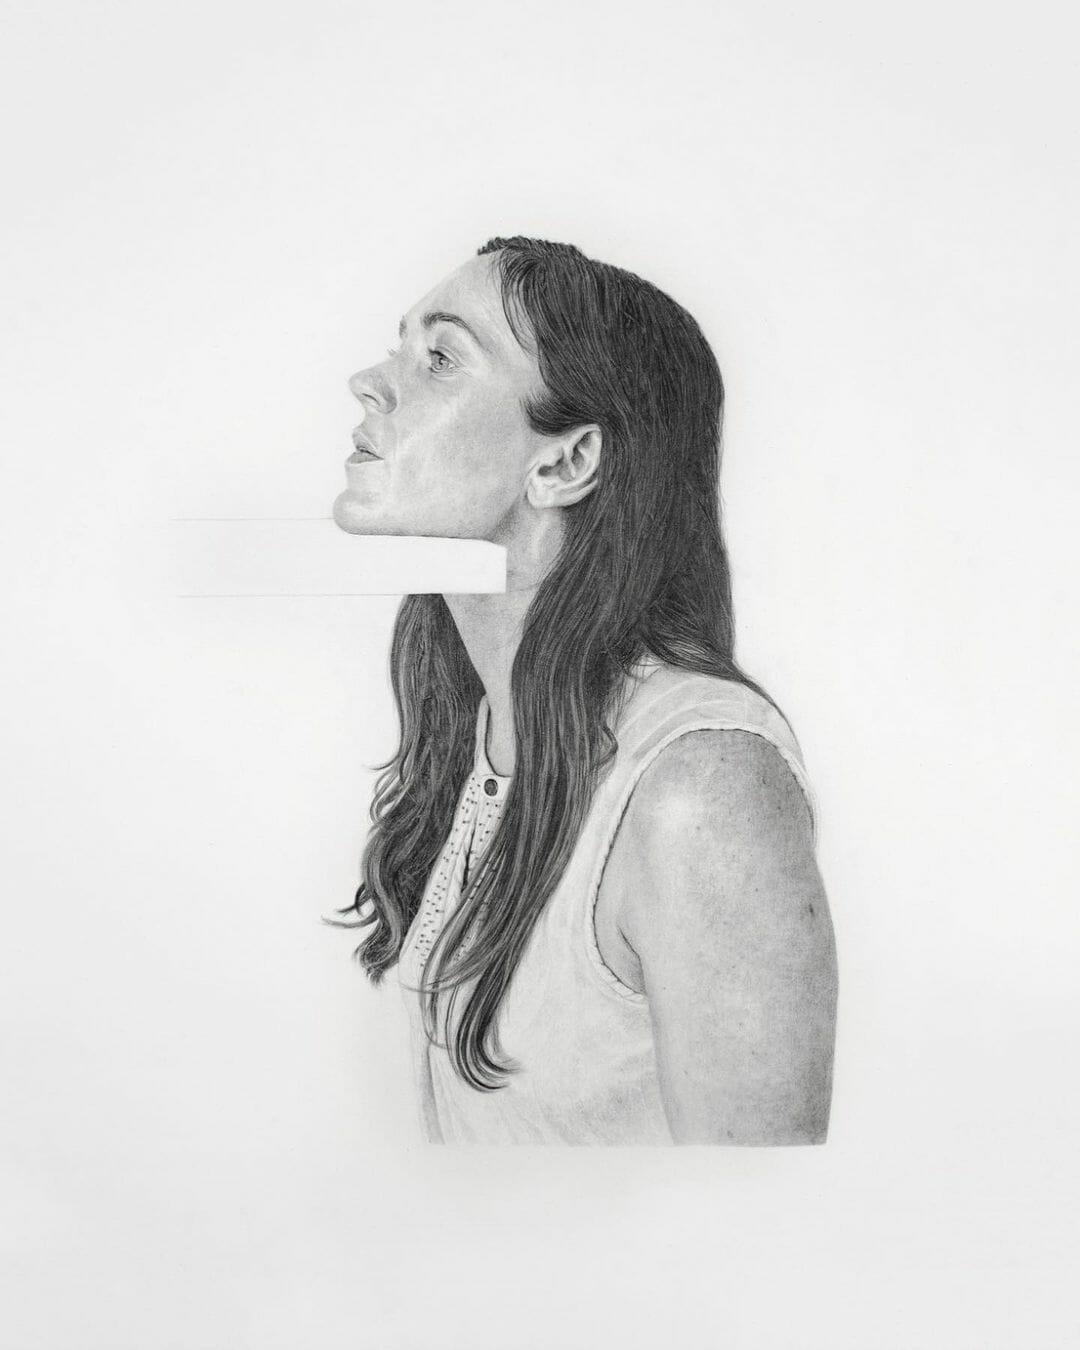 Une jeune femme est représentée le menton posé sur un objet rectangulaire blanc